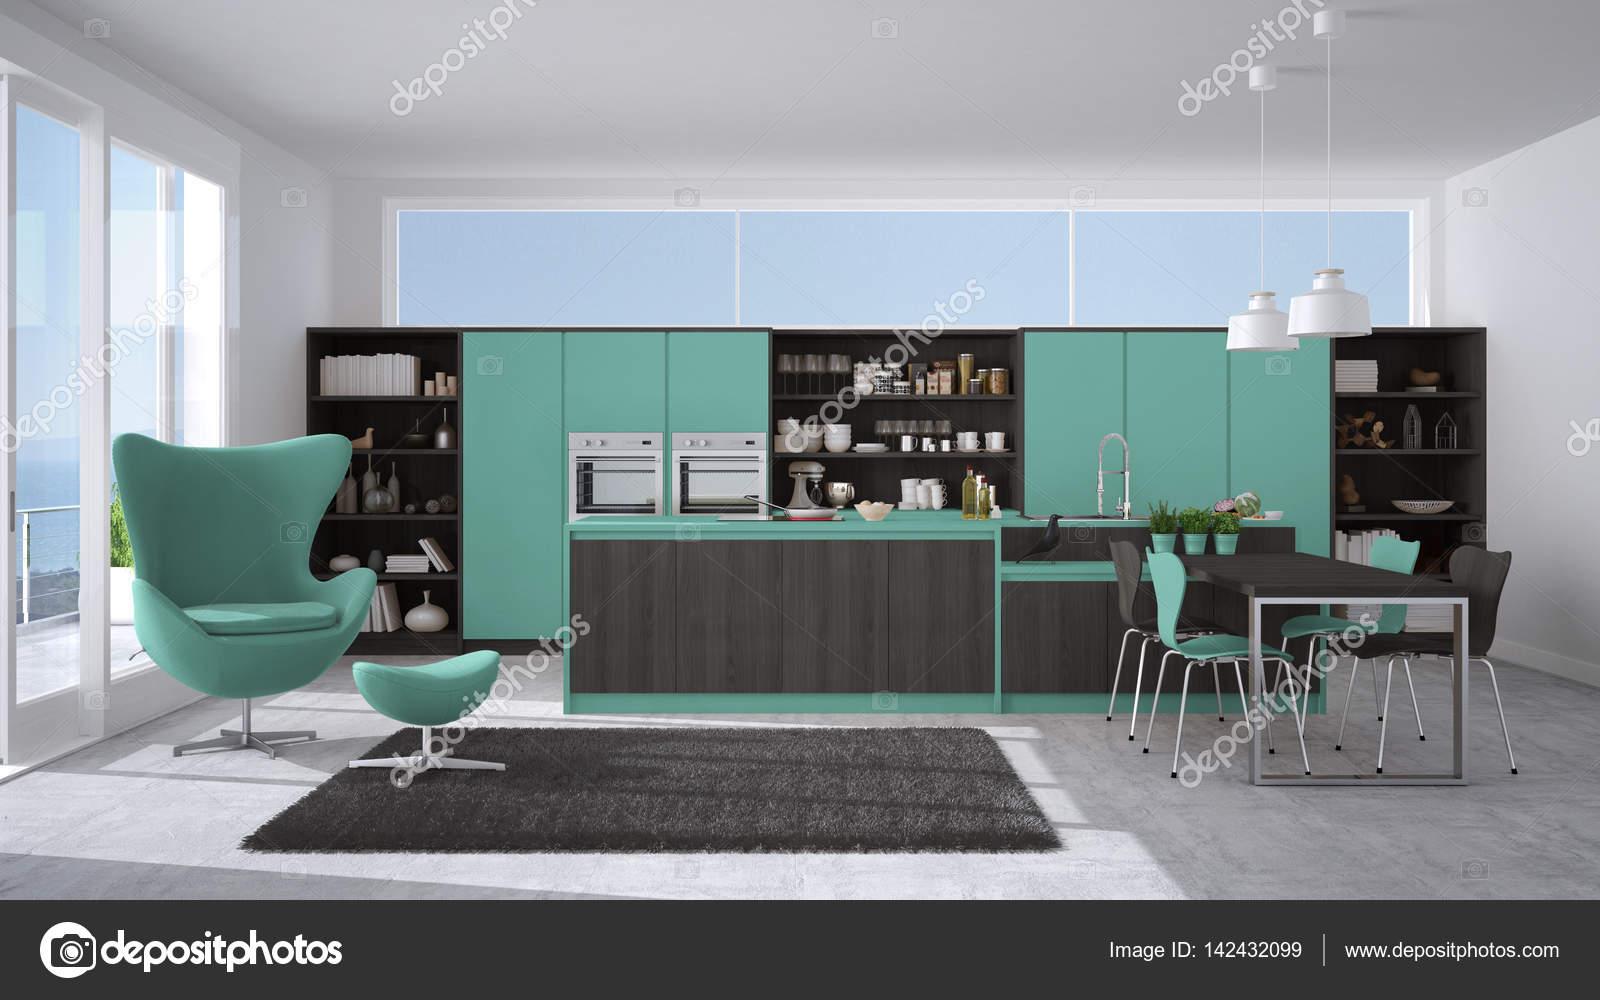 Cozinha Moderna De Cinza E Turquesa Com Detalhes Em Madeira Grande